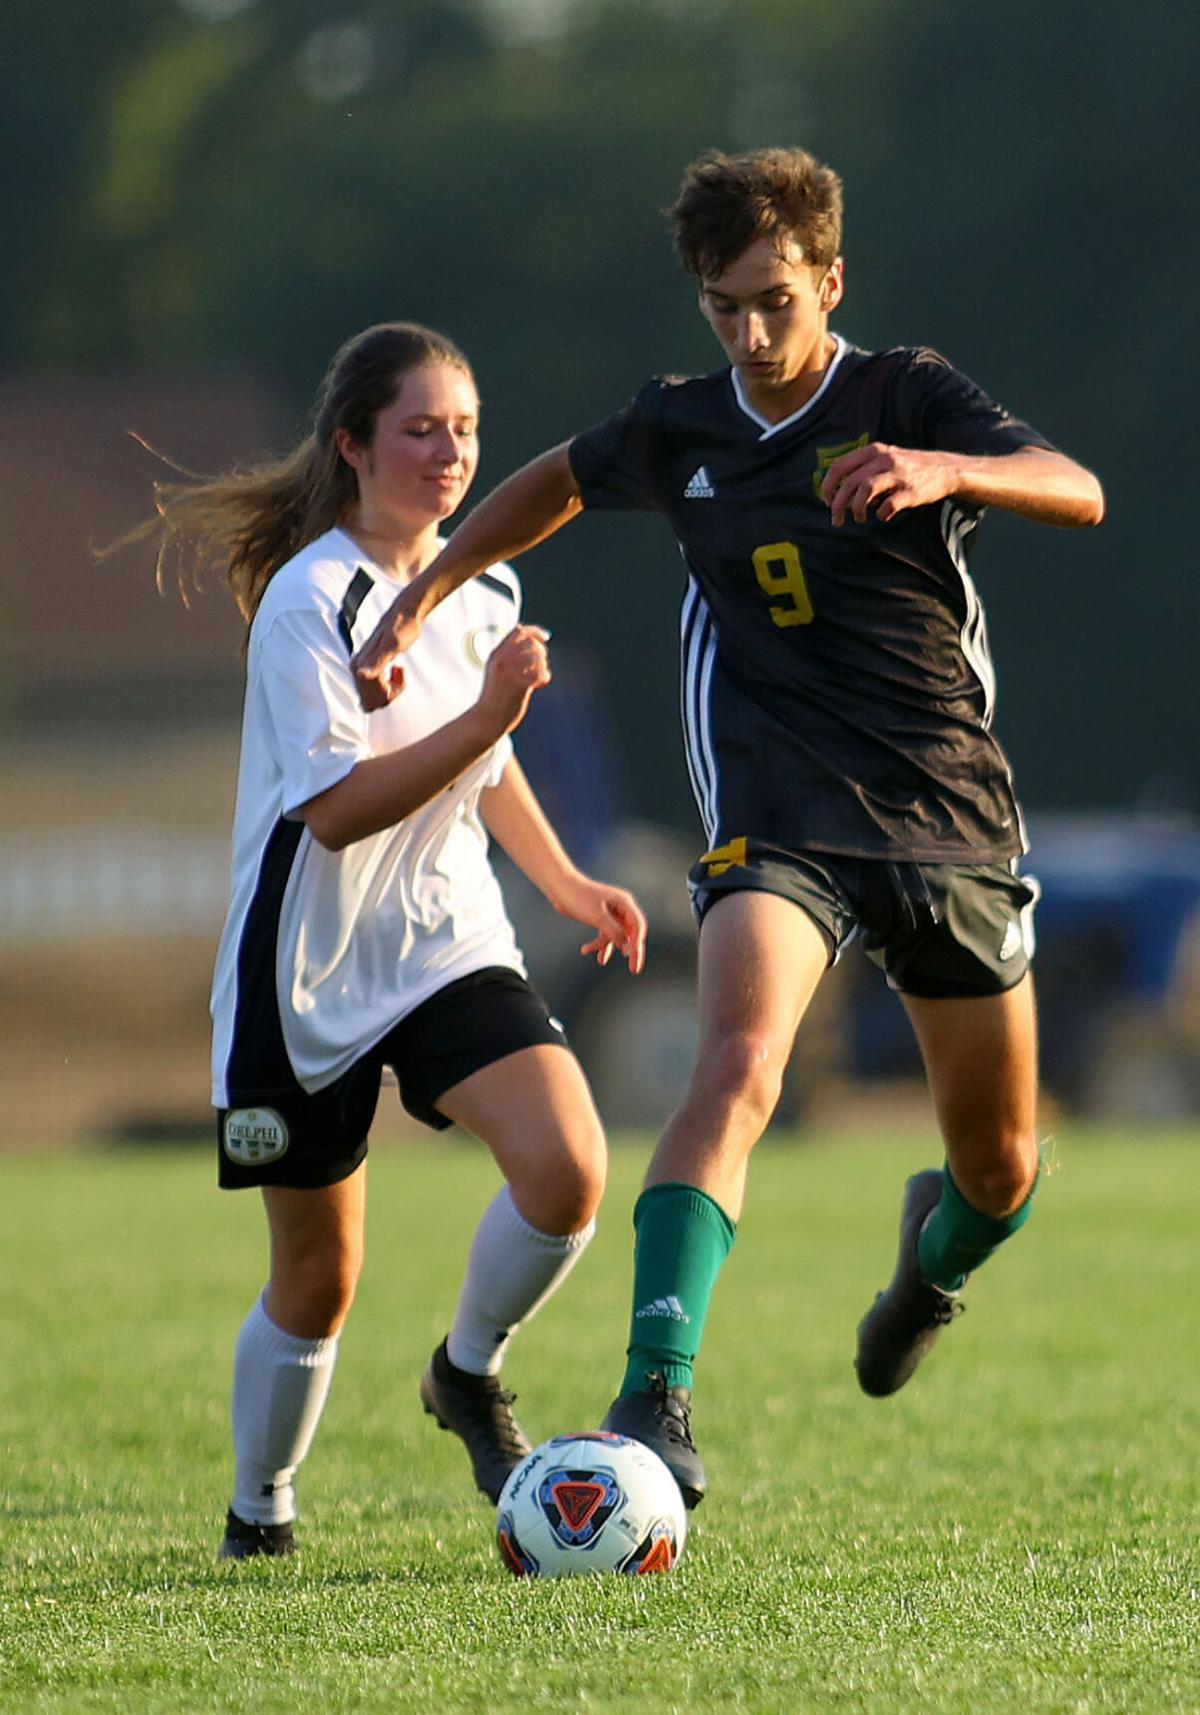 EHS vs Delphi soccer 10.jpg